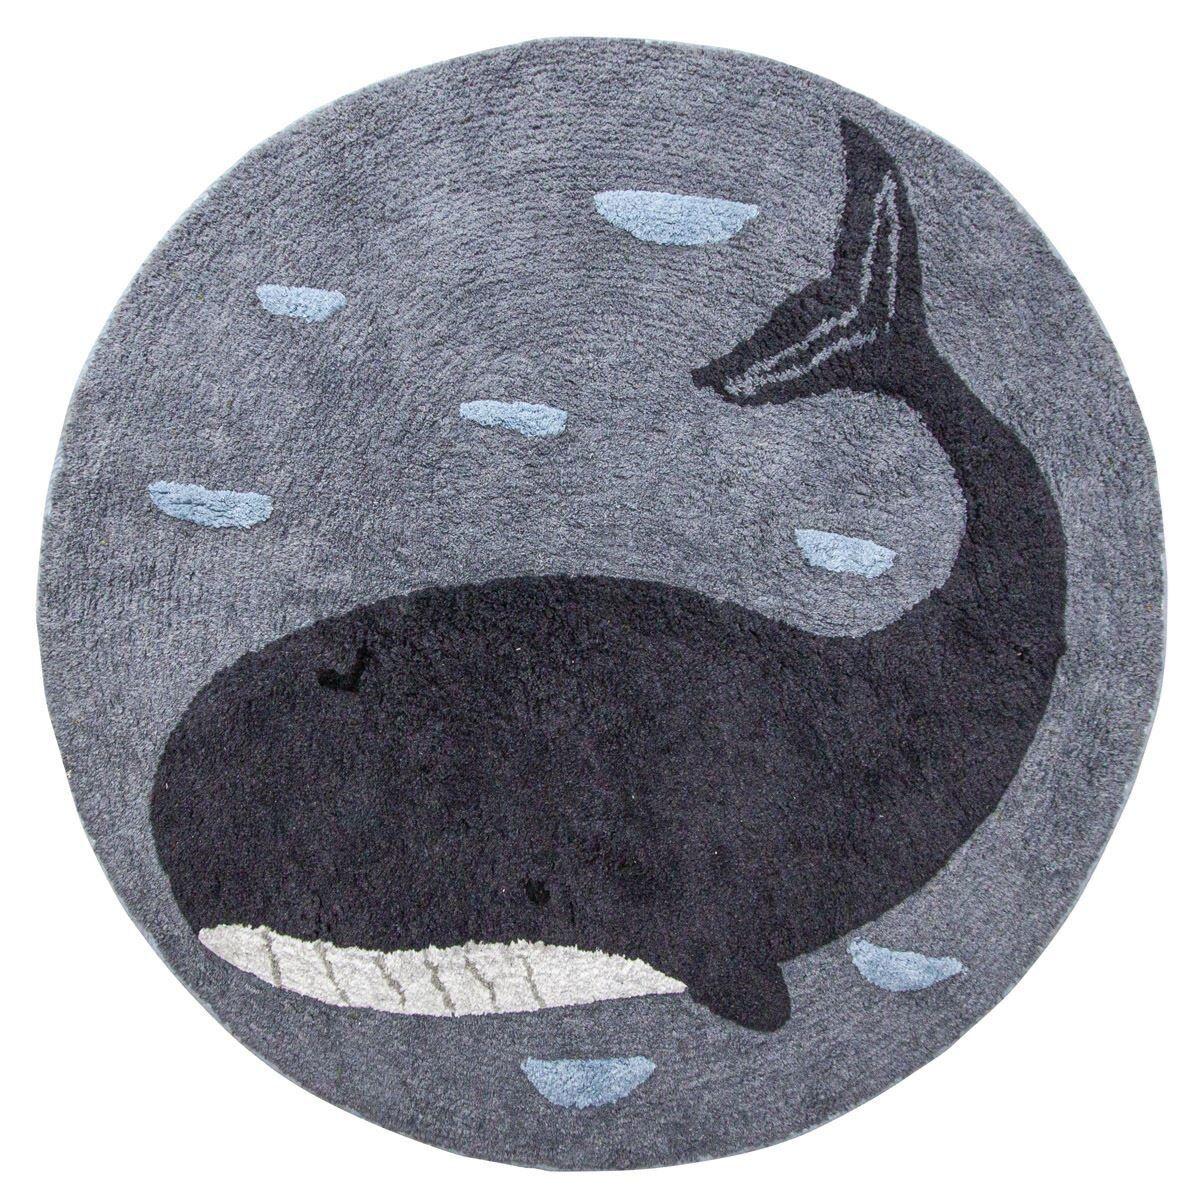 Sebra Vevd gulvteppe, Marion the whale